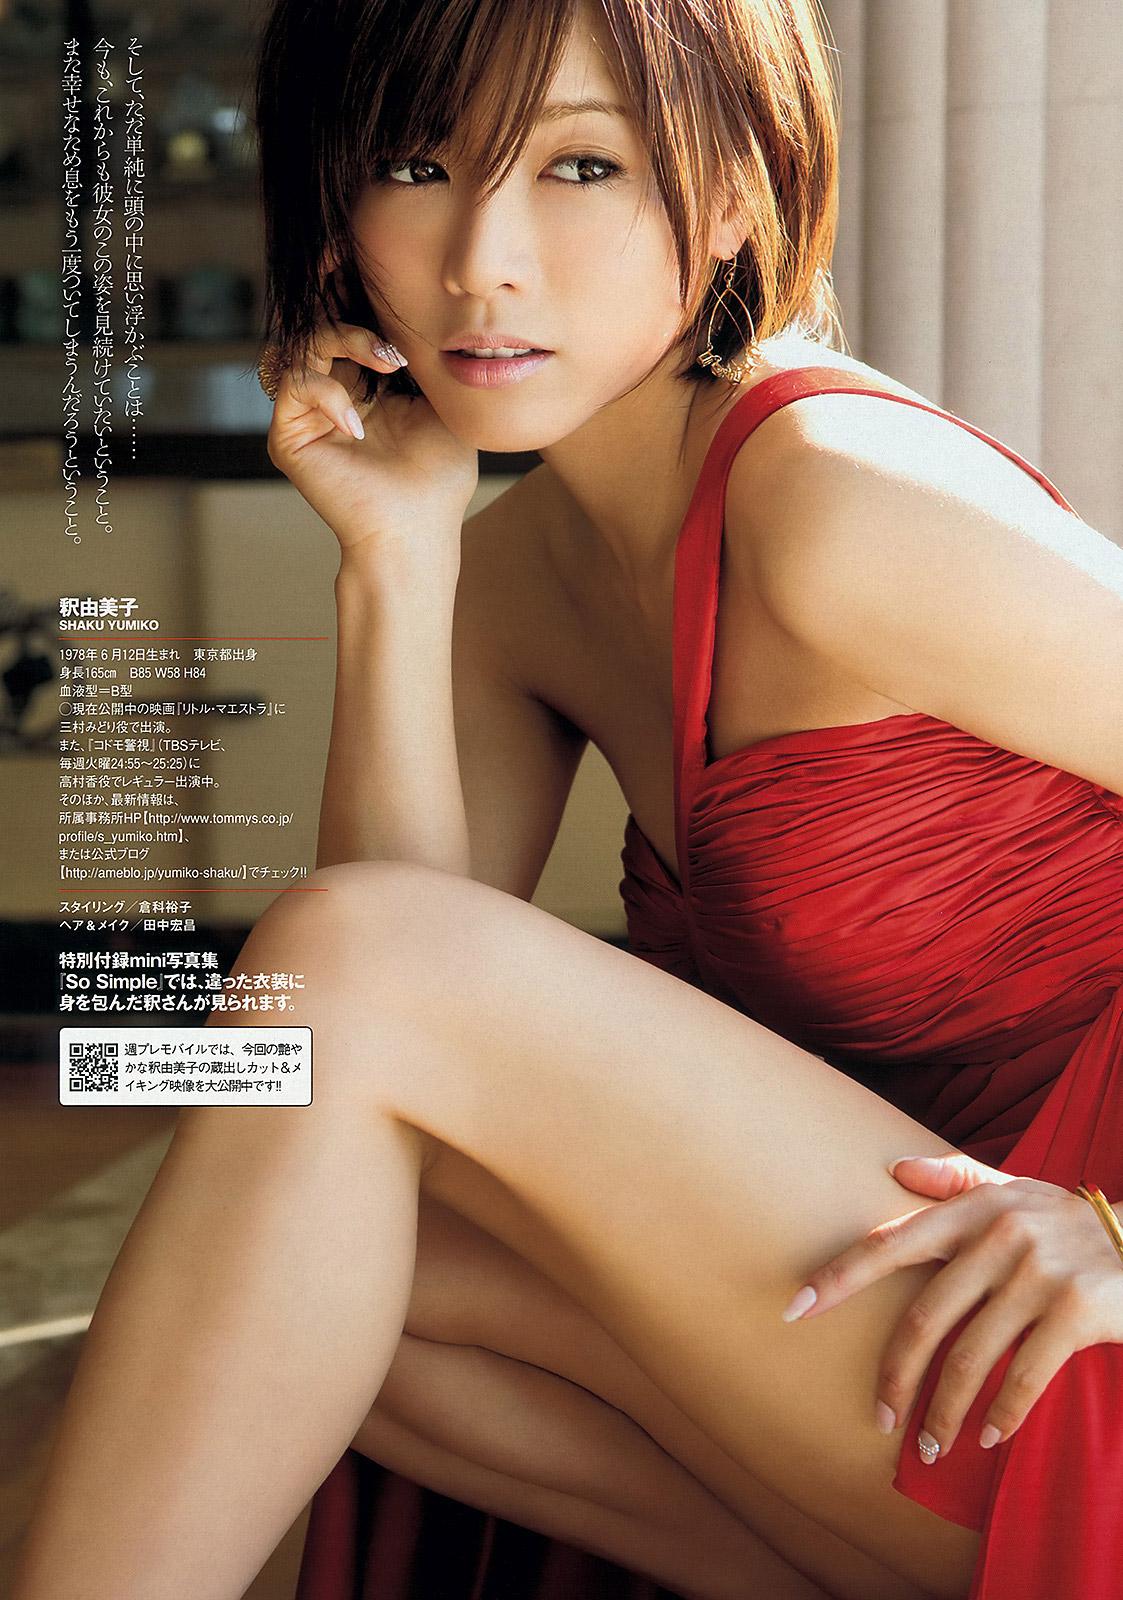 釈由美子 画像 60